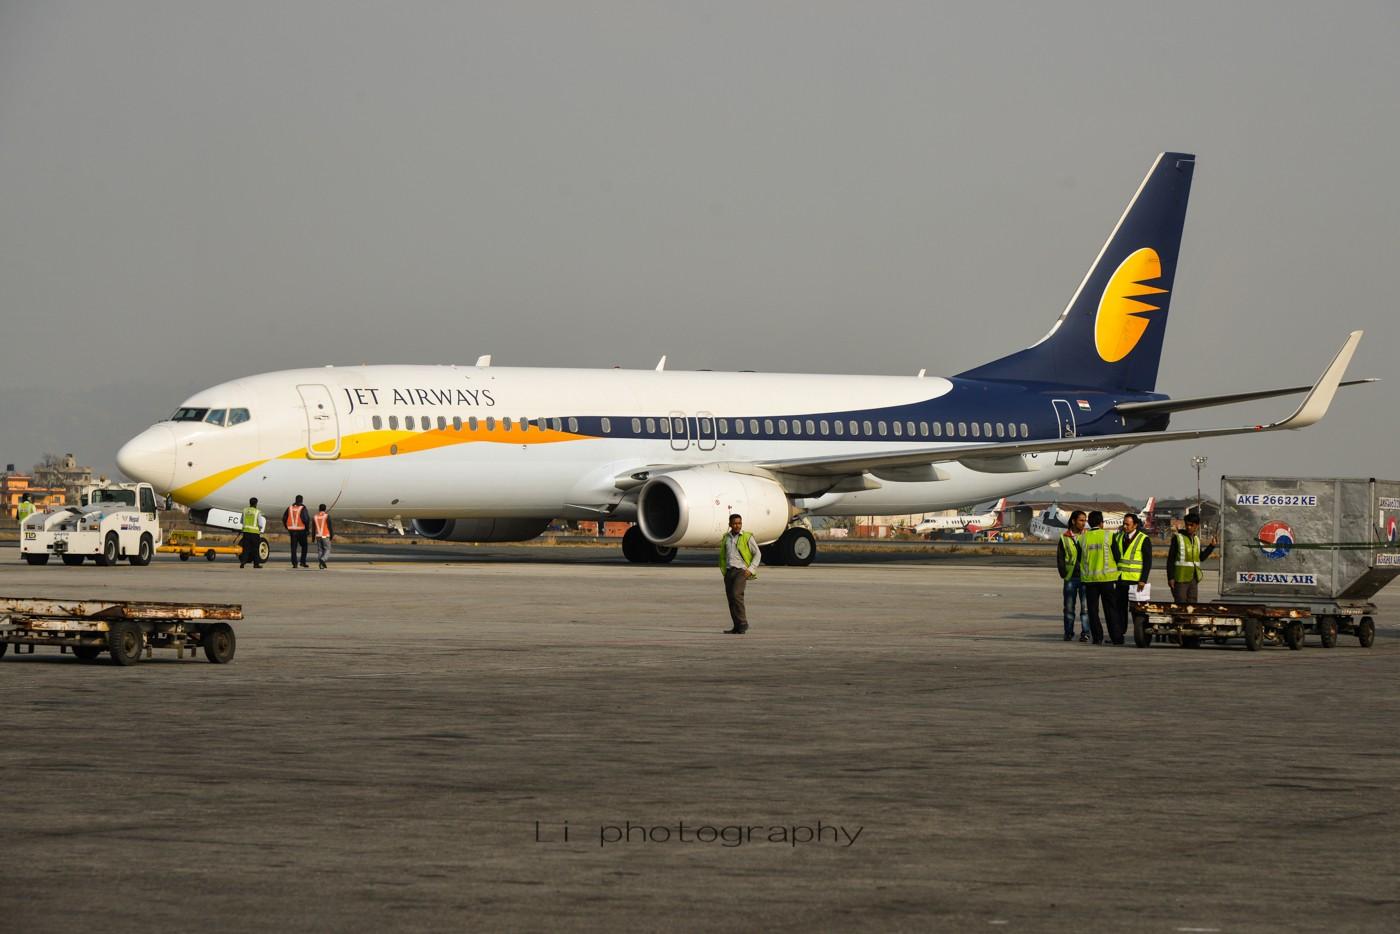 Re:[原创]尼泊尔拍机第一发——加德满都布里特万机场,各种奇货乱入~ BOEING B737-800 VT-JFC 尼泊尔加德满都机场